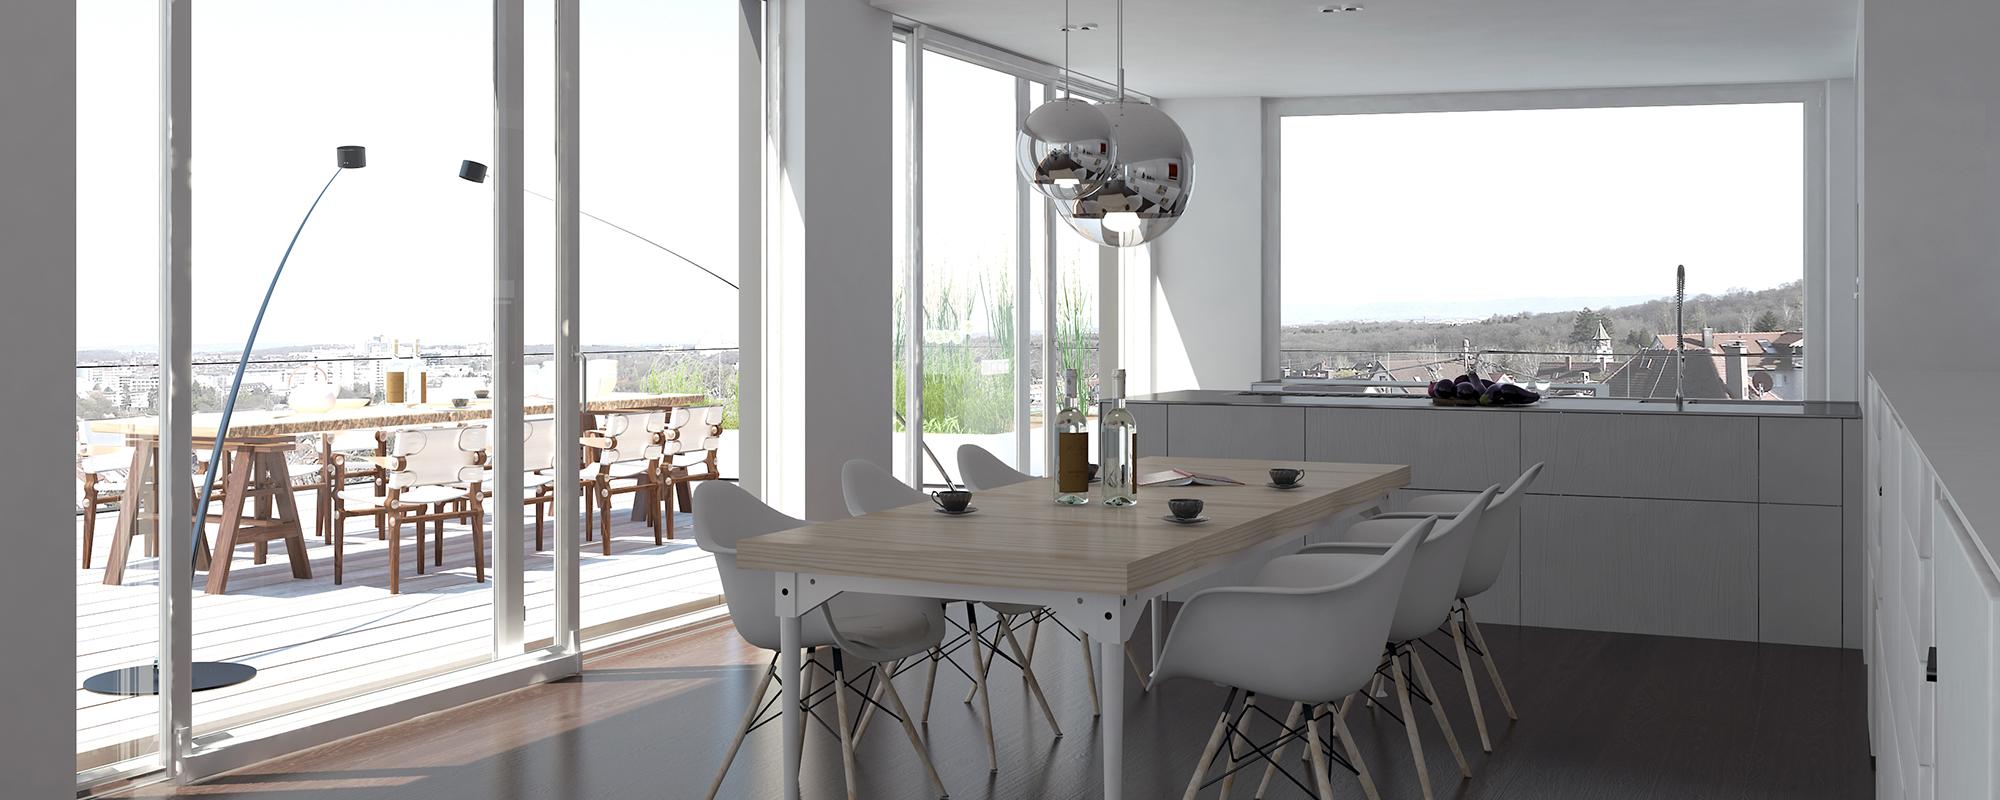 Referenz PlanQuadrat | Wohnbereich des exklusiven Mehrfamilienhauses in Im Haldenau, Stuttgart